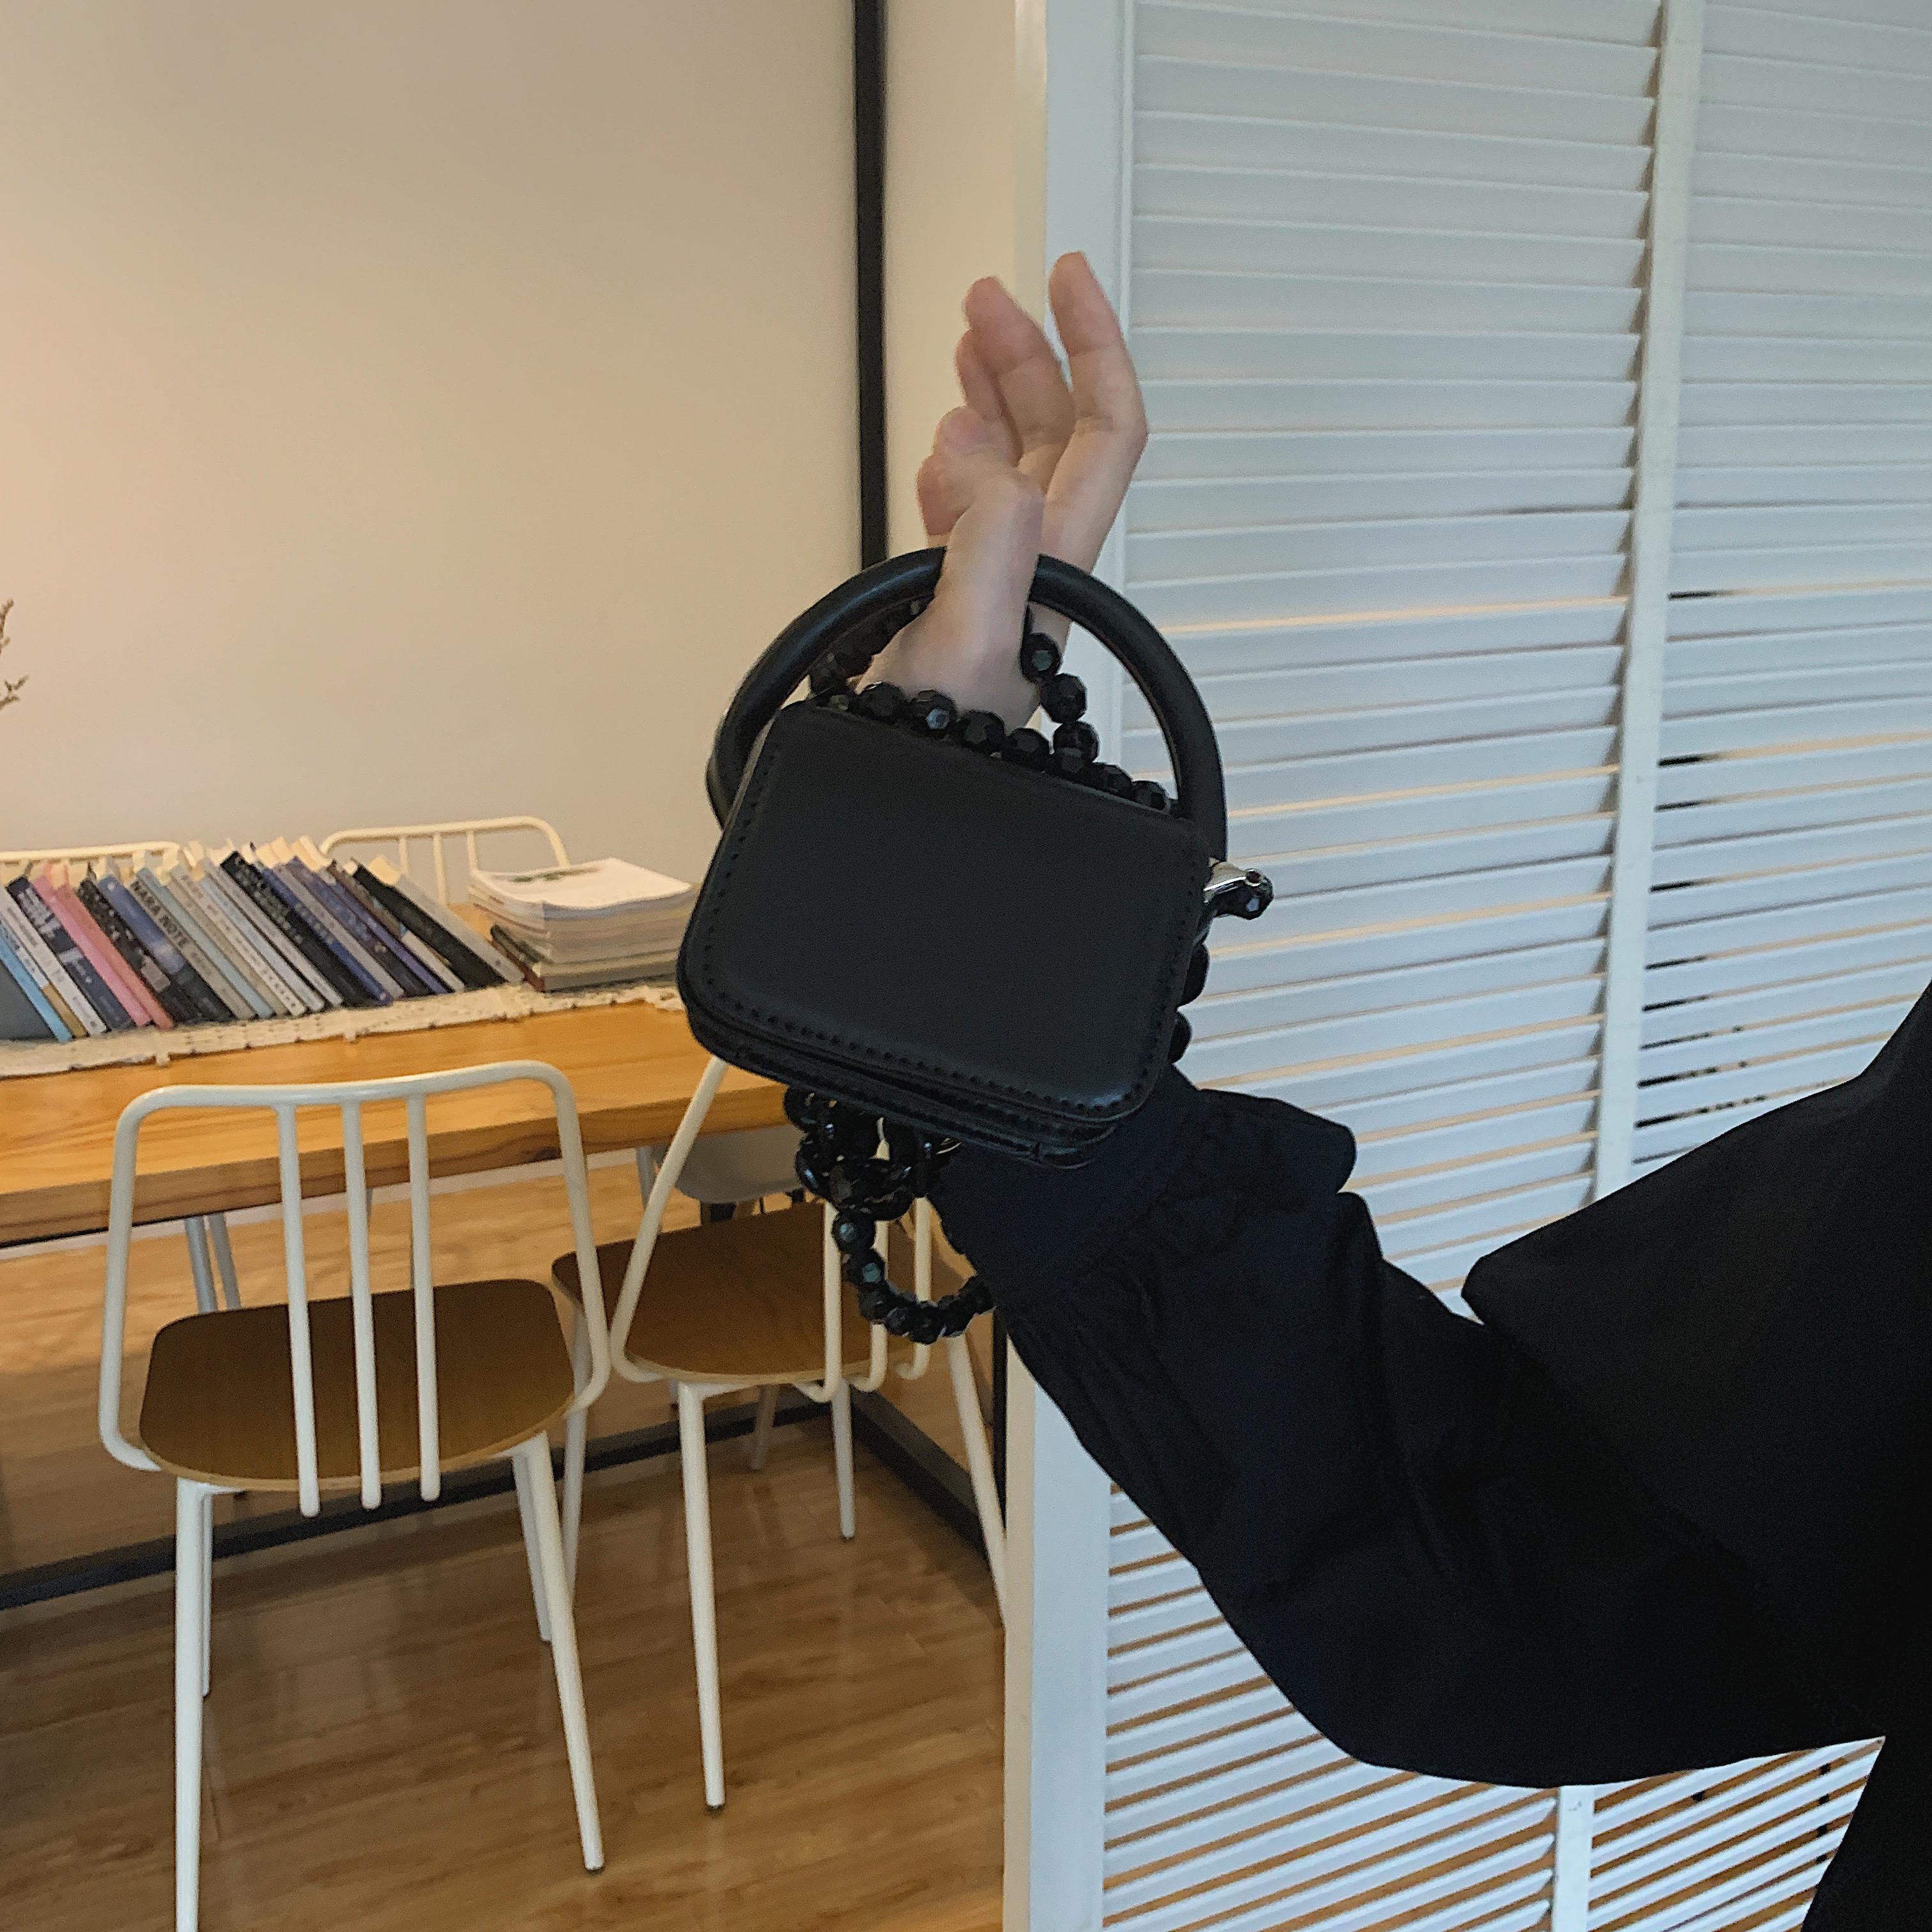 黑色迷你包 切咔 ins迷你小包包黑色小方包链条包手拎包手提包斜挎包单肩包女_推荐淘宝好看的黑色迷你包